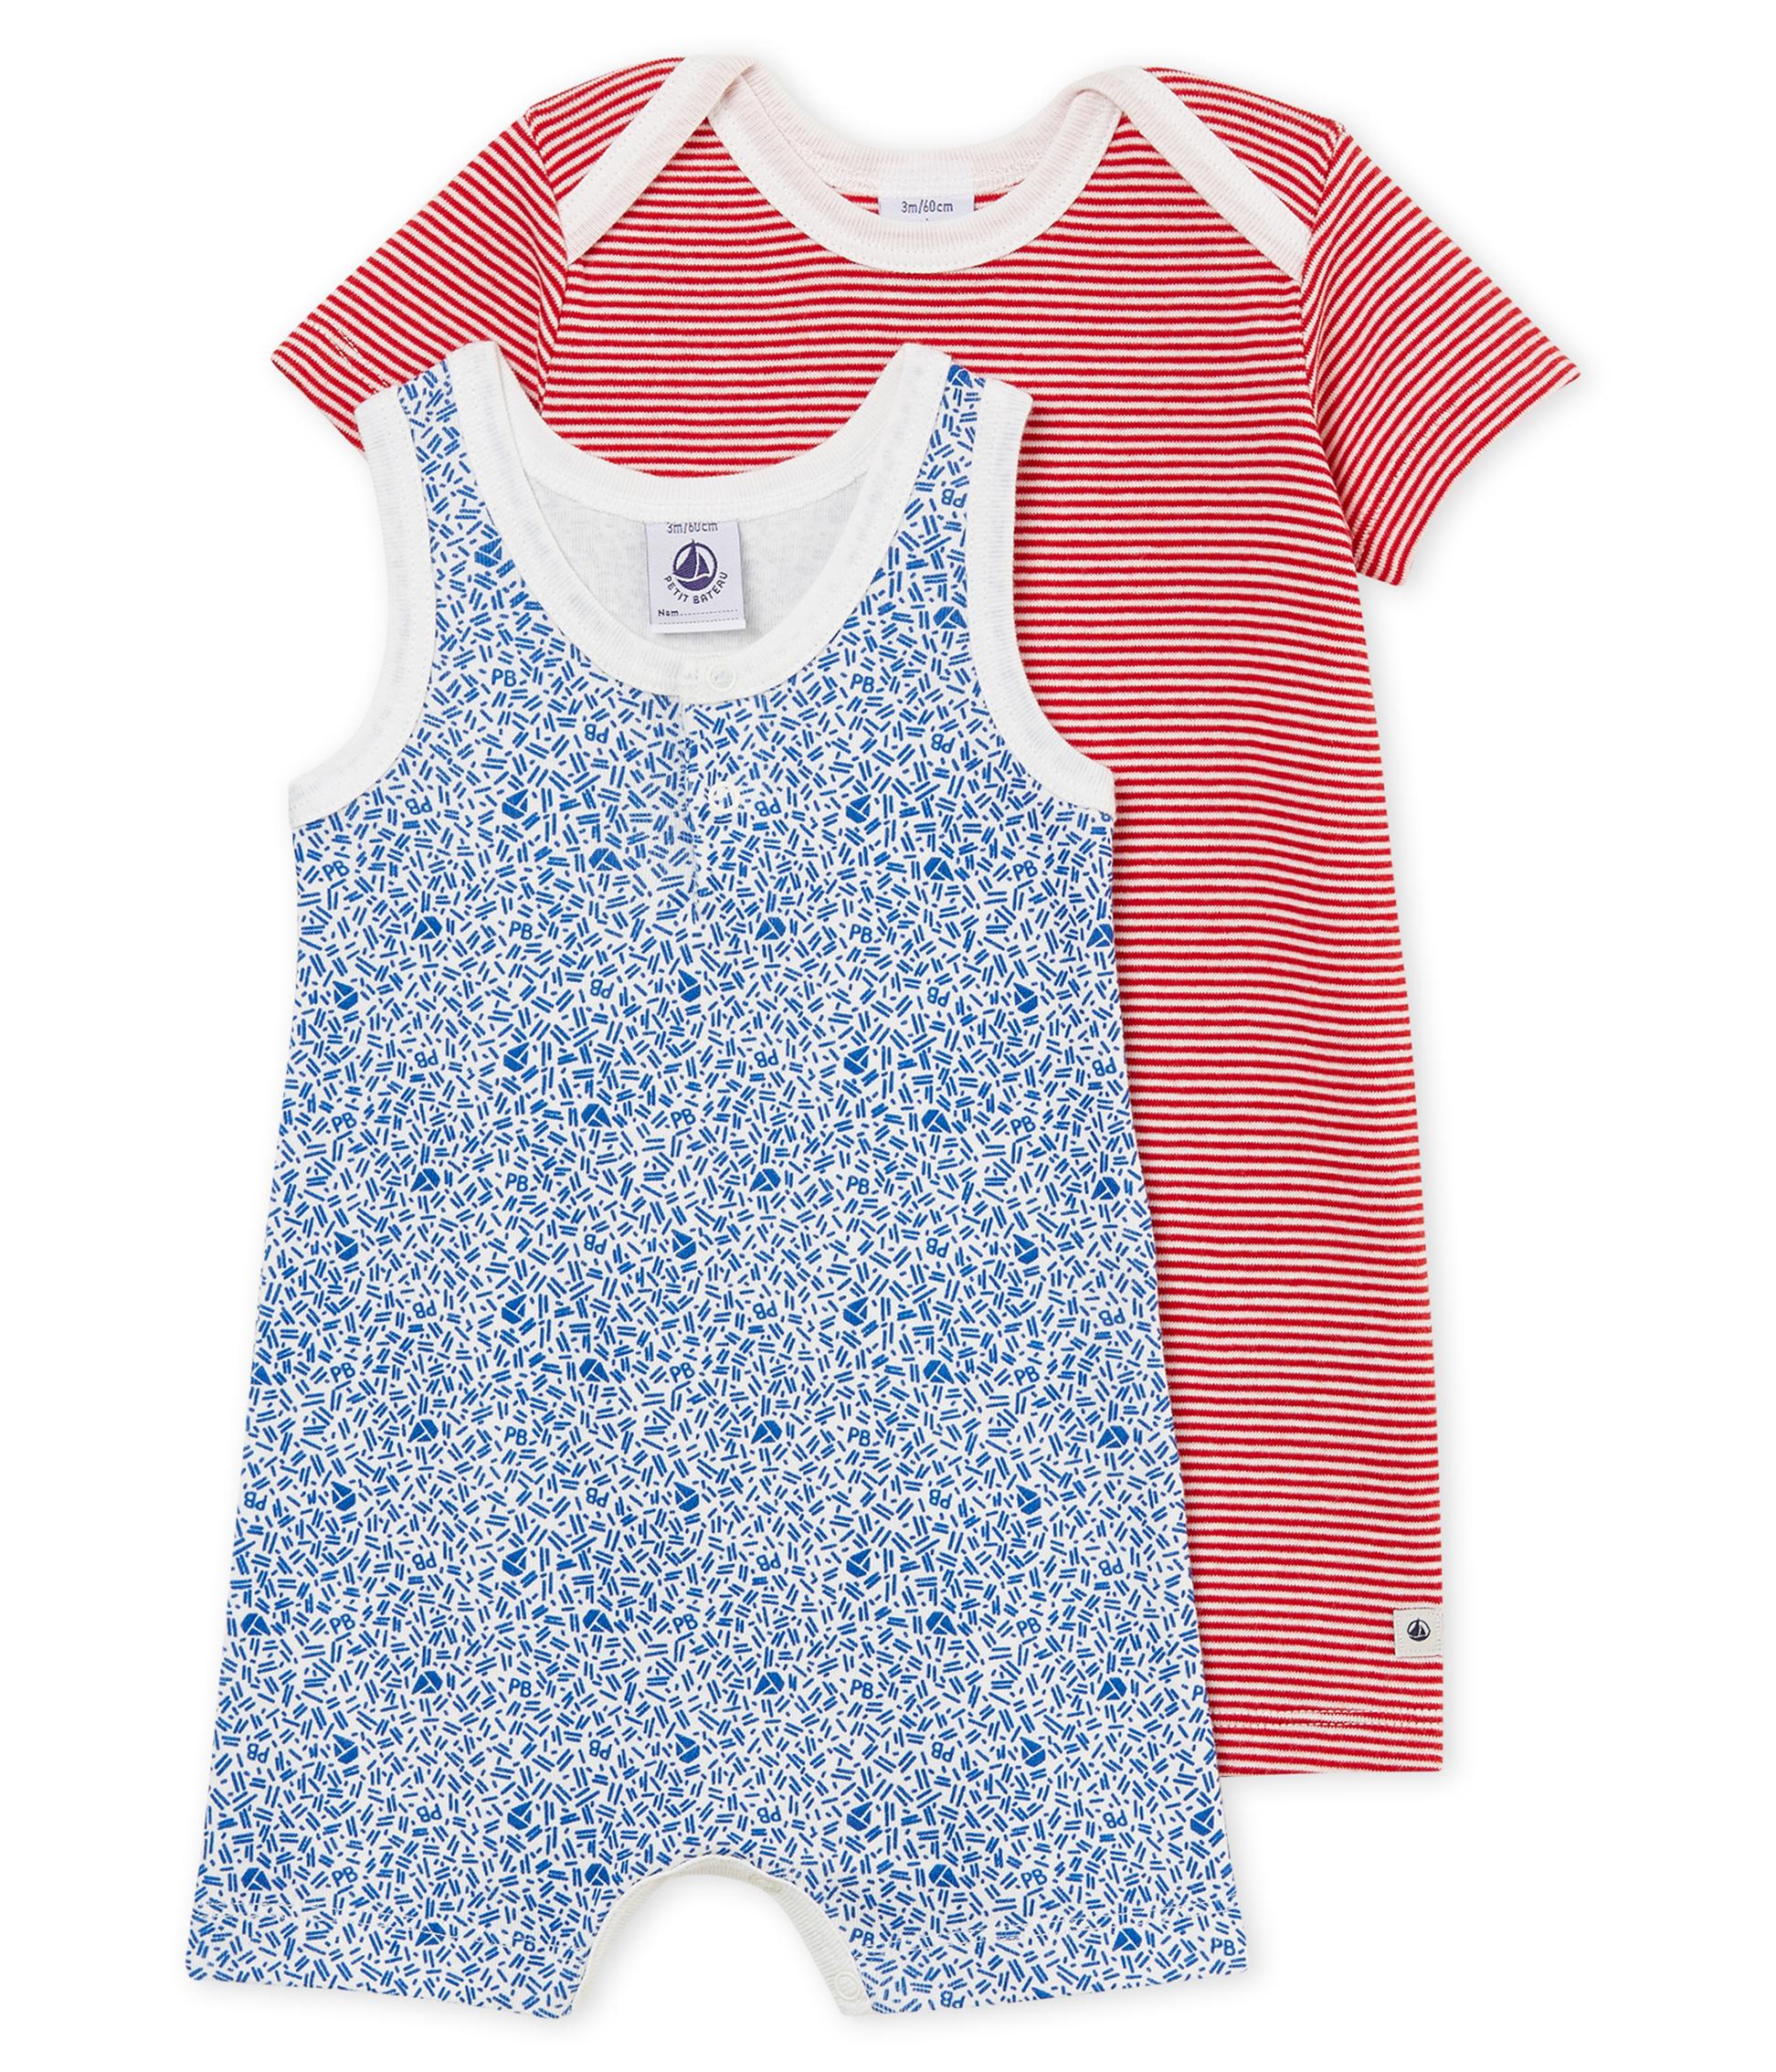 aaa6f127b9b31 Baby Boys' Shortie - Set of 2 | Petit Bateau